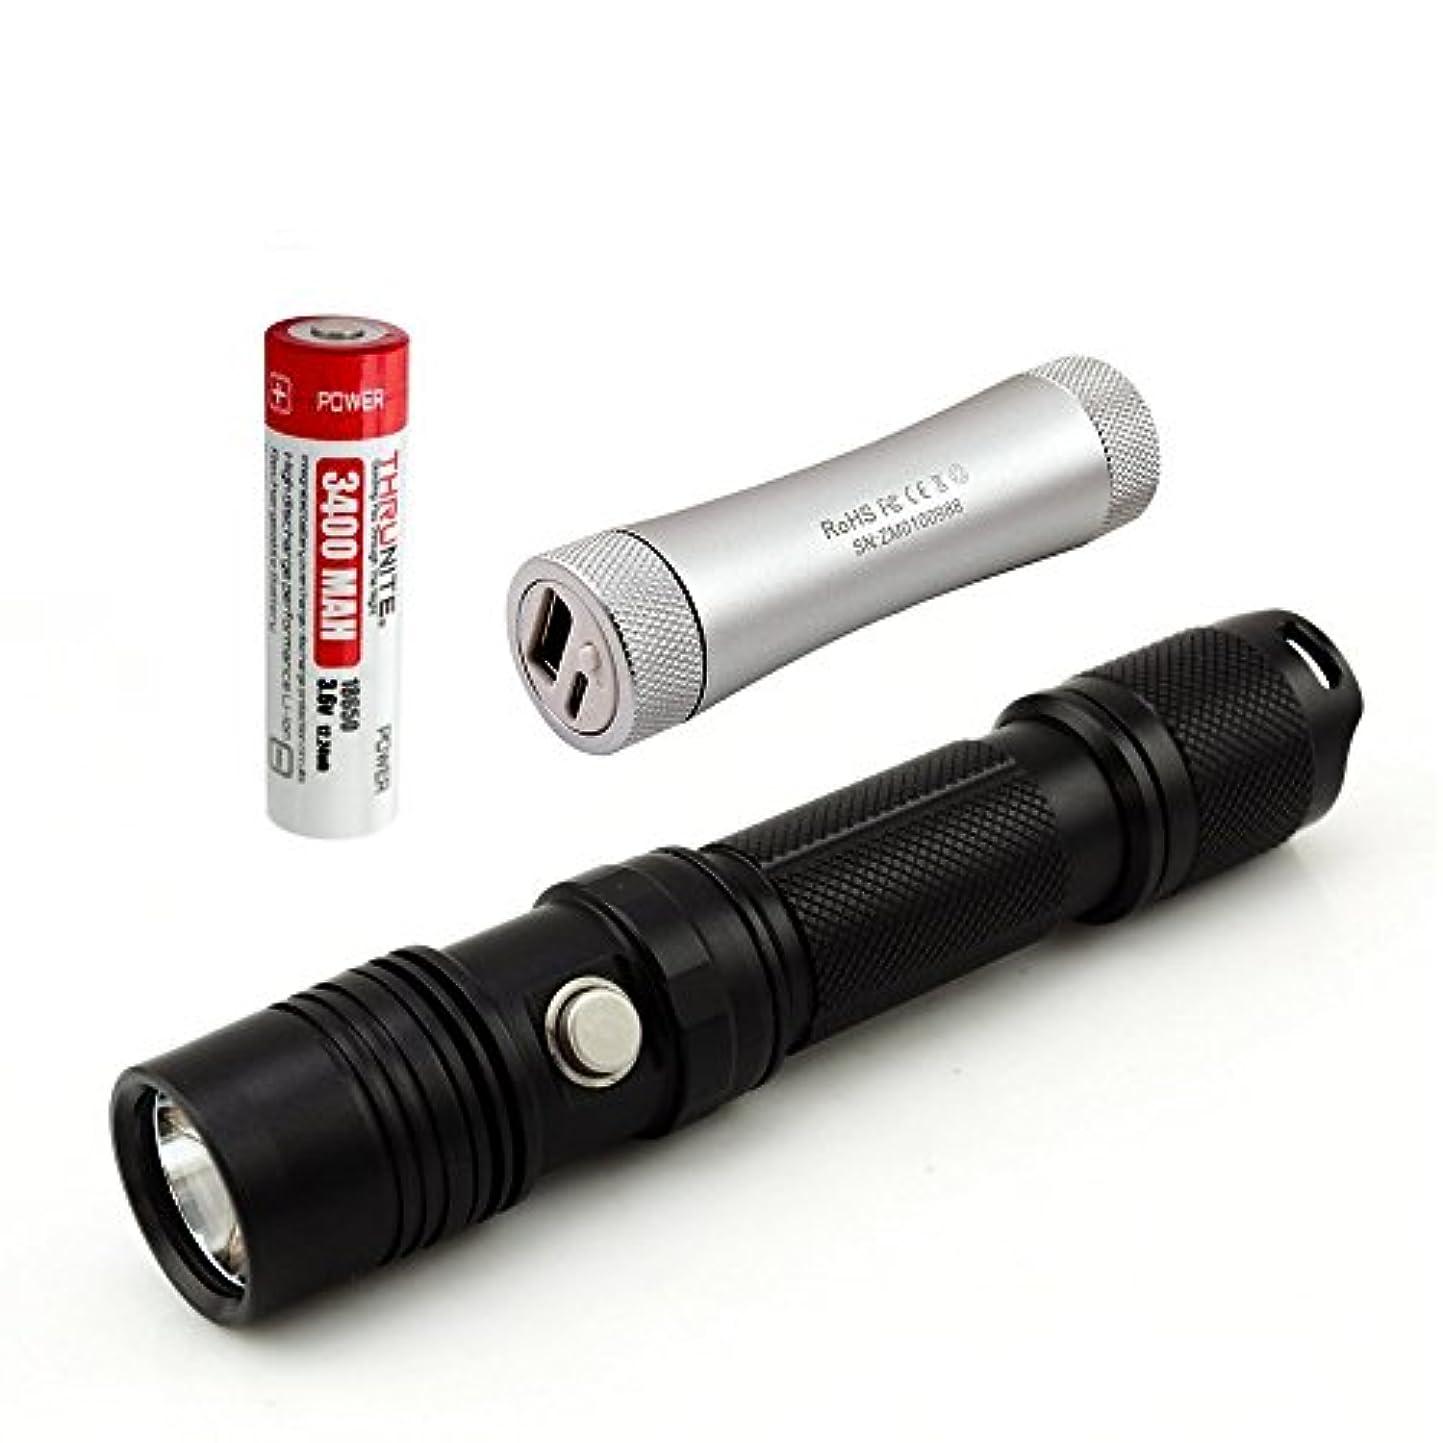 メロディアススポンサー海嶺スルーナイト ThruNite TN12 XP-L V6 LED フラッシュライト(電池含まず) Max1100 ルーメン 五段階切替 使用電池 CR123A電池×2 or 18650電池×1